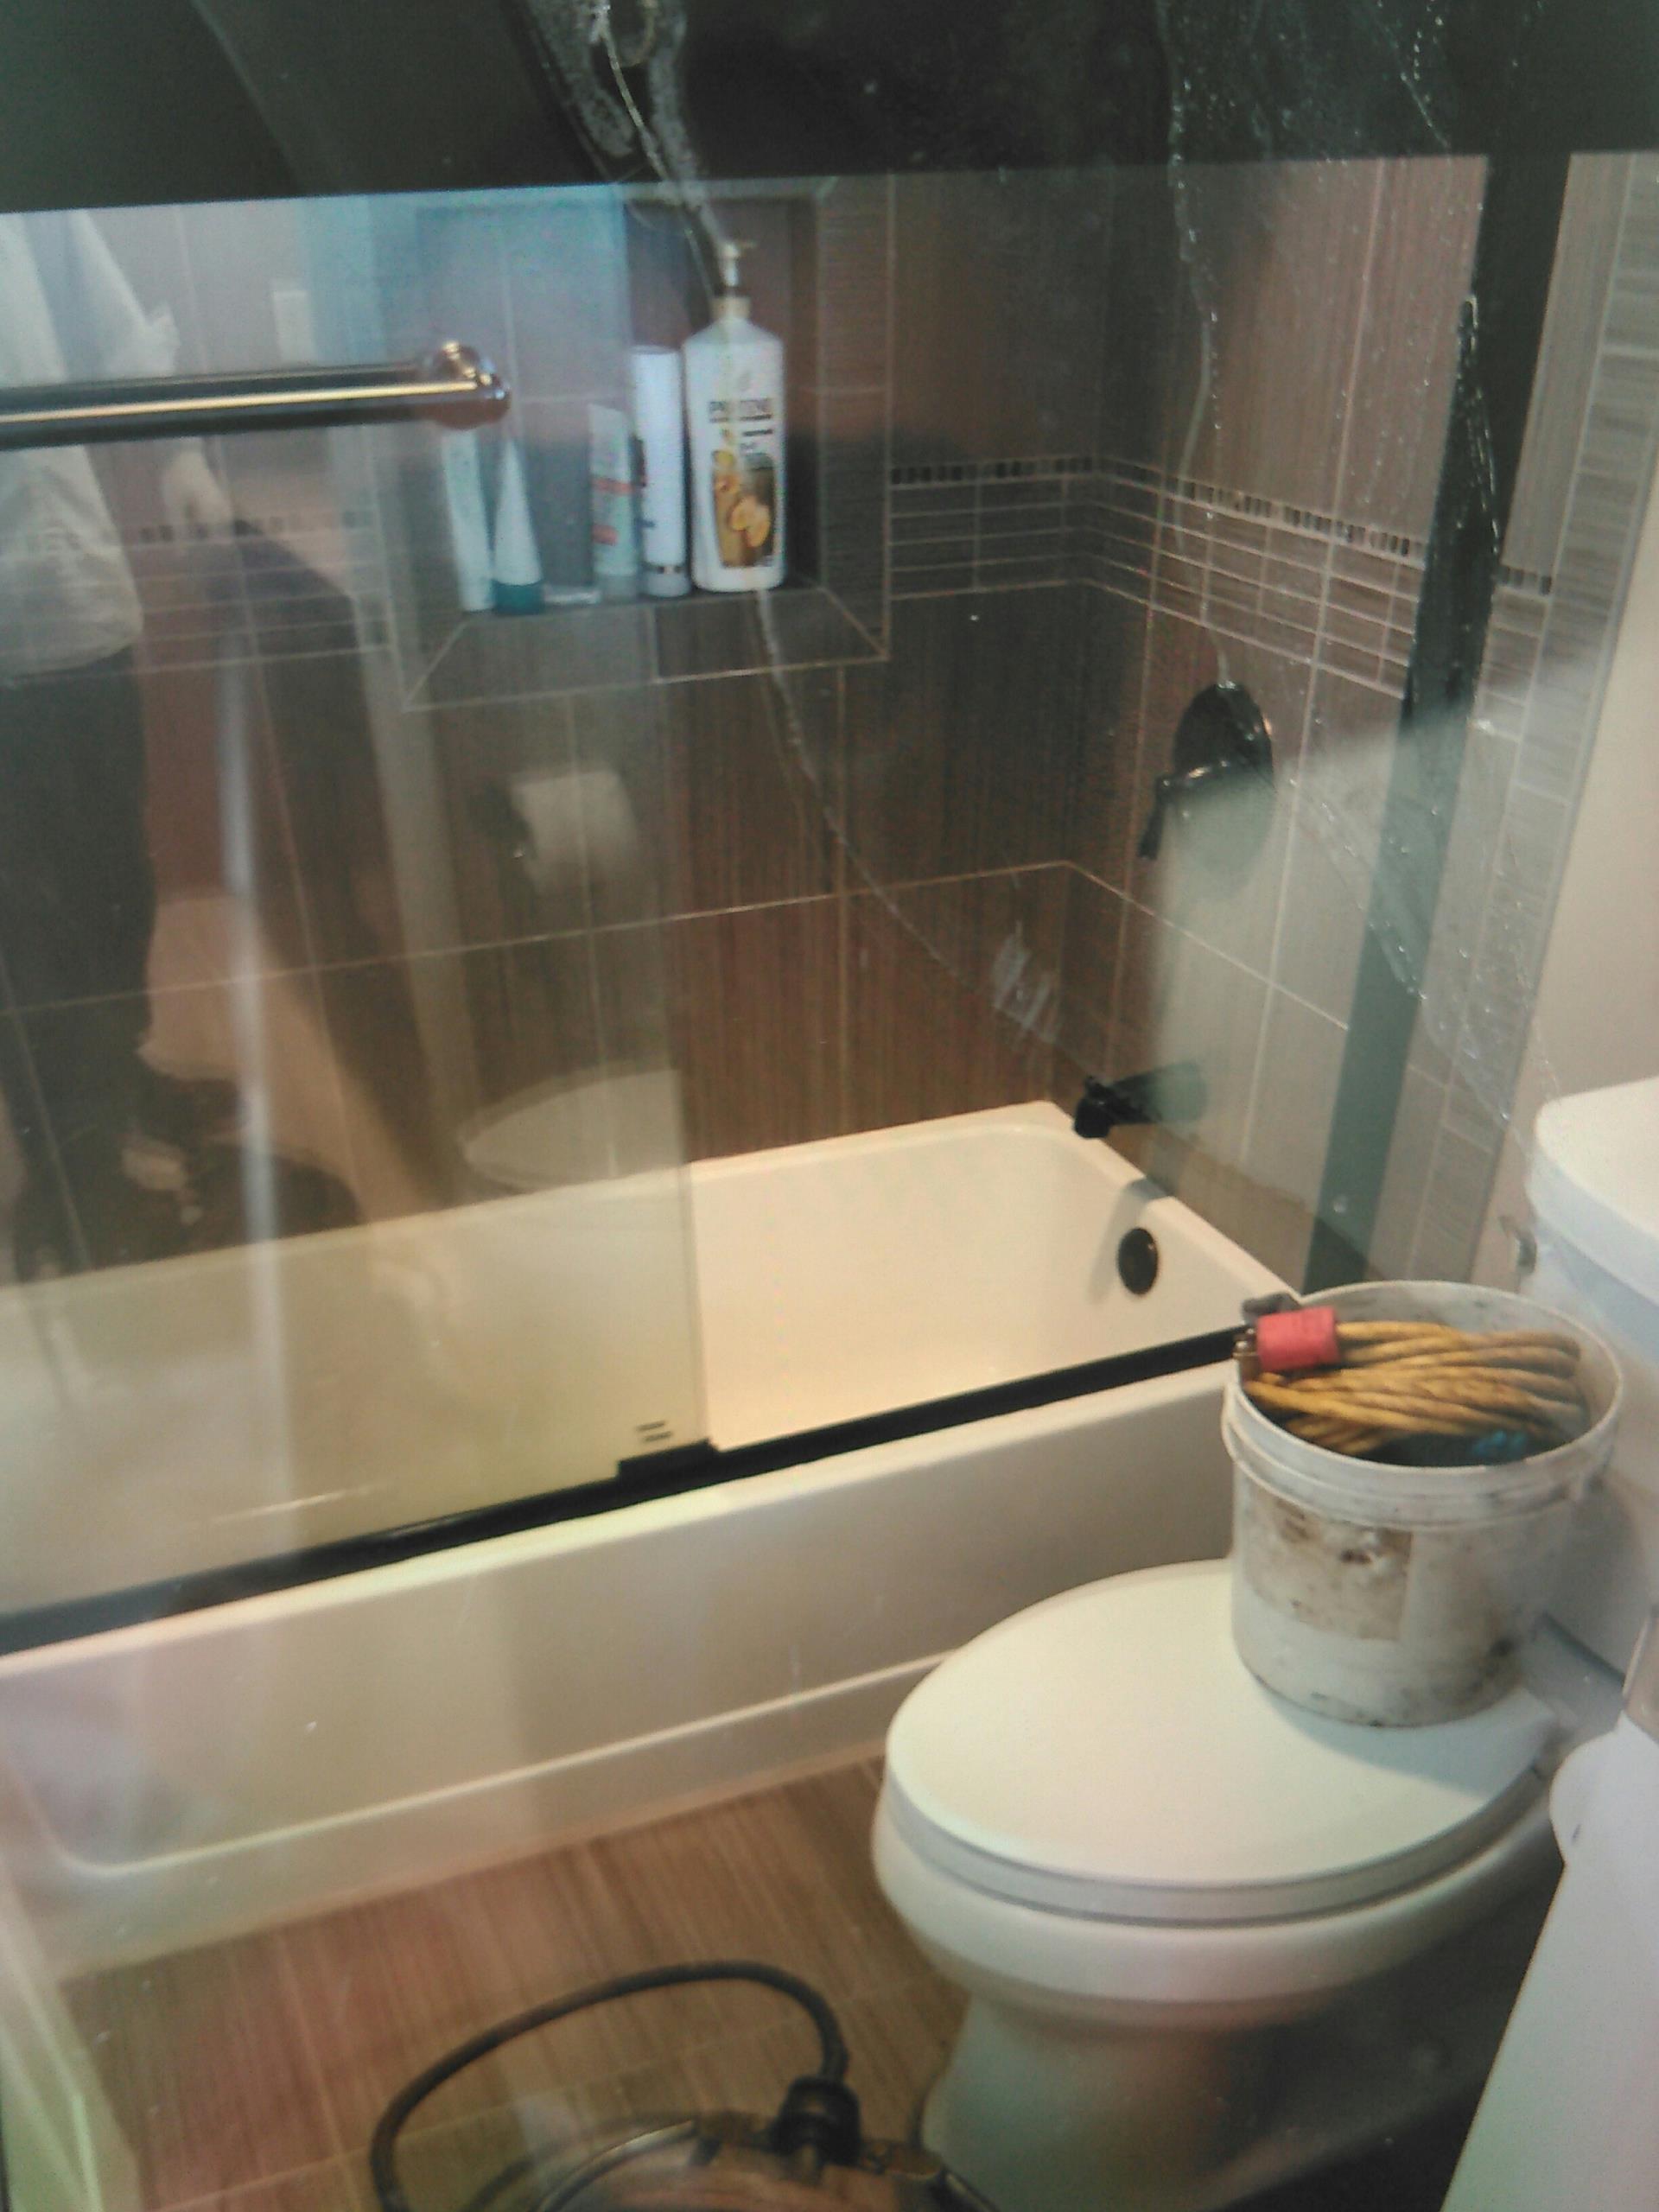 Chino, CA - Shower stoppage